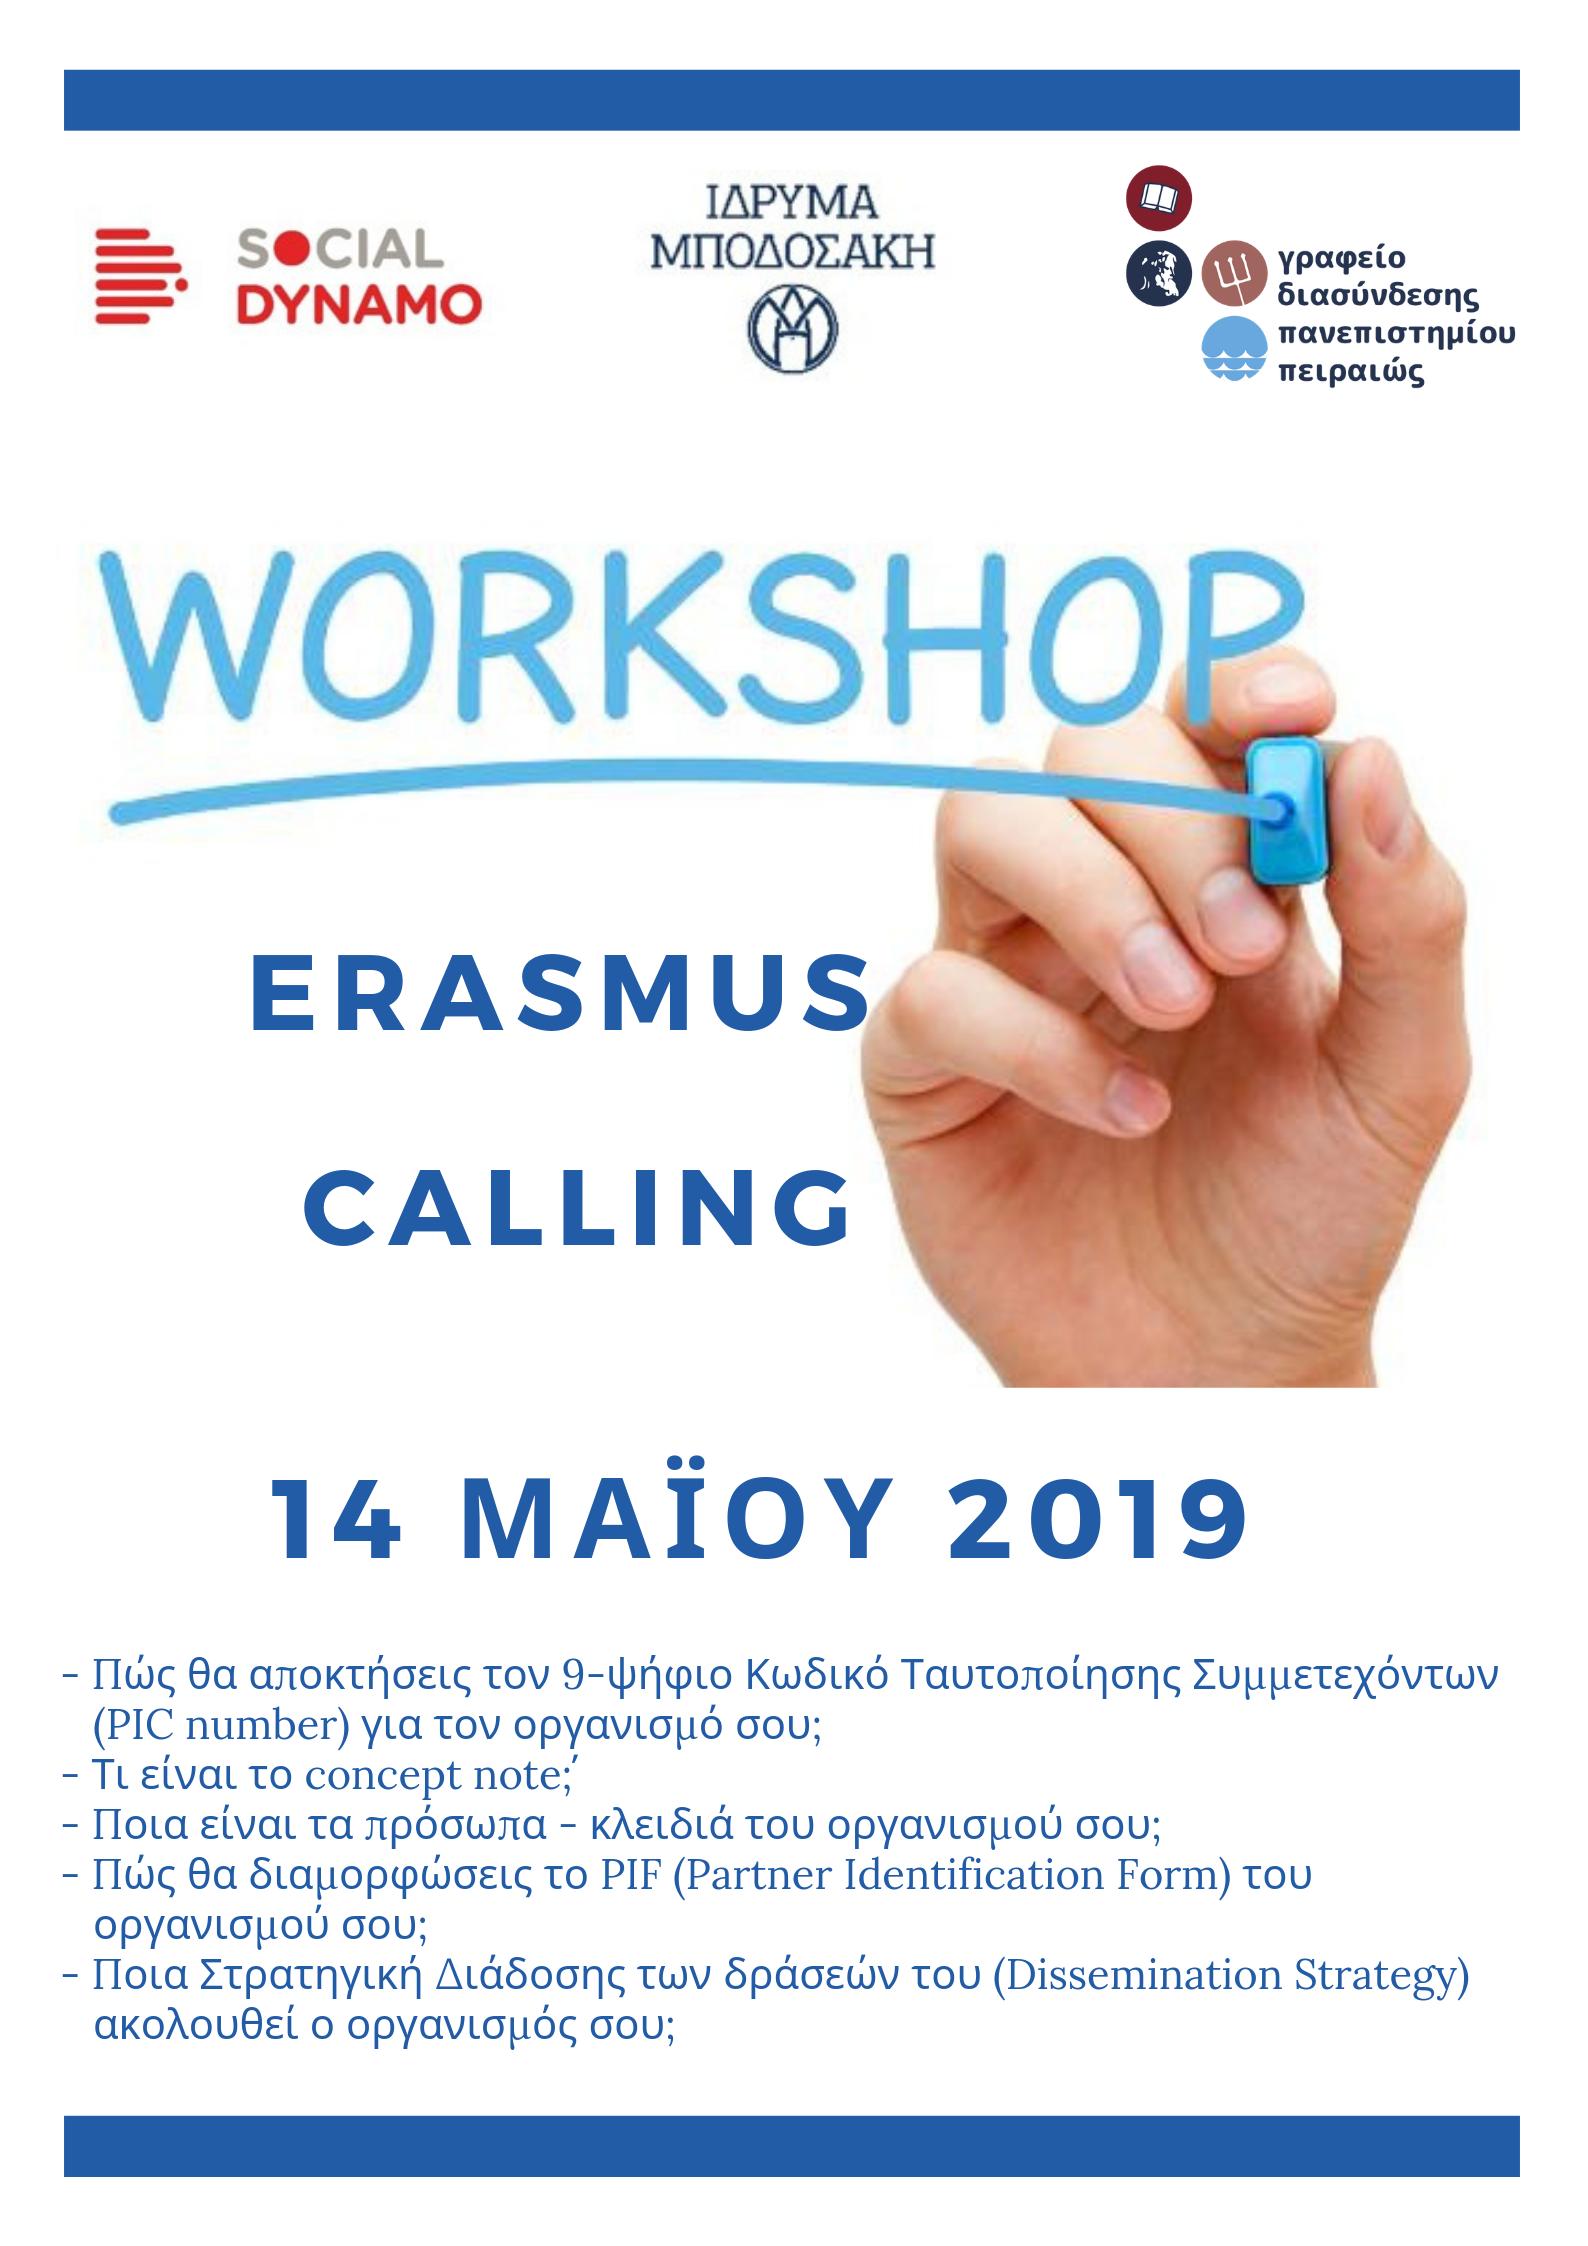 Εργαστήριο «Erasmus Calling»